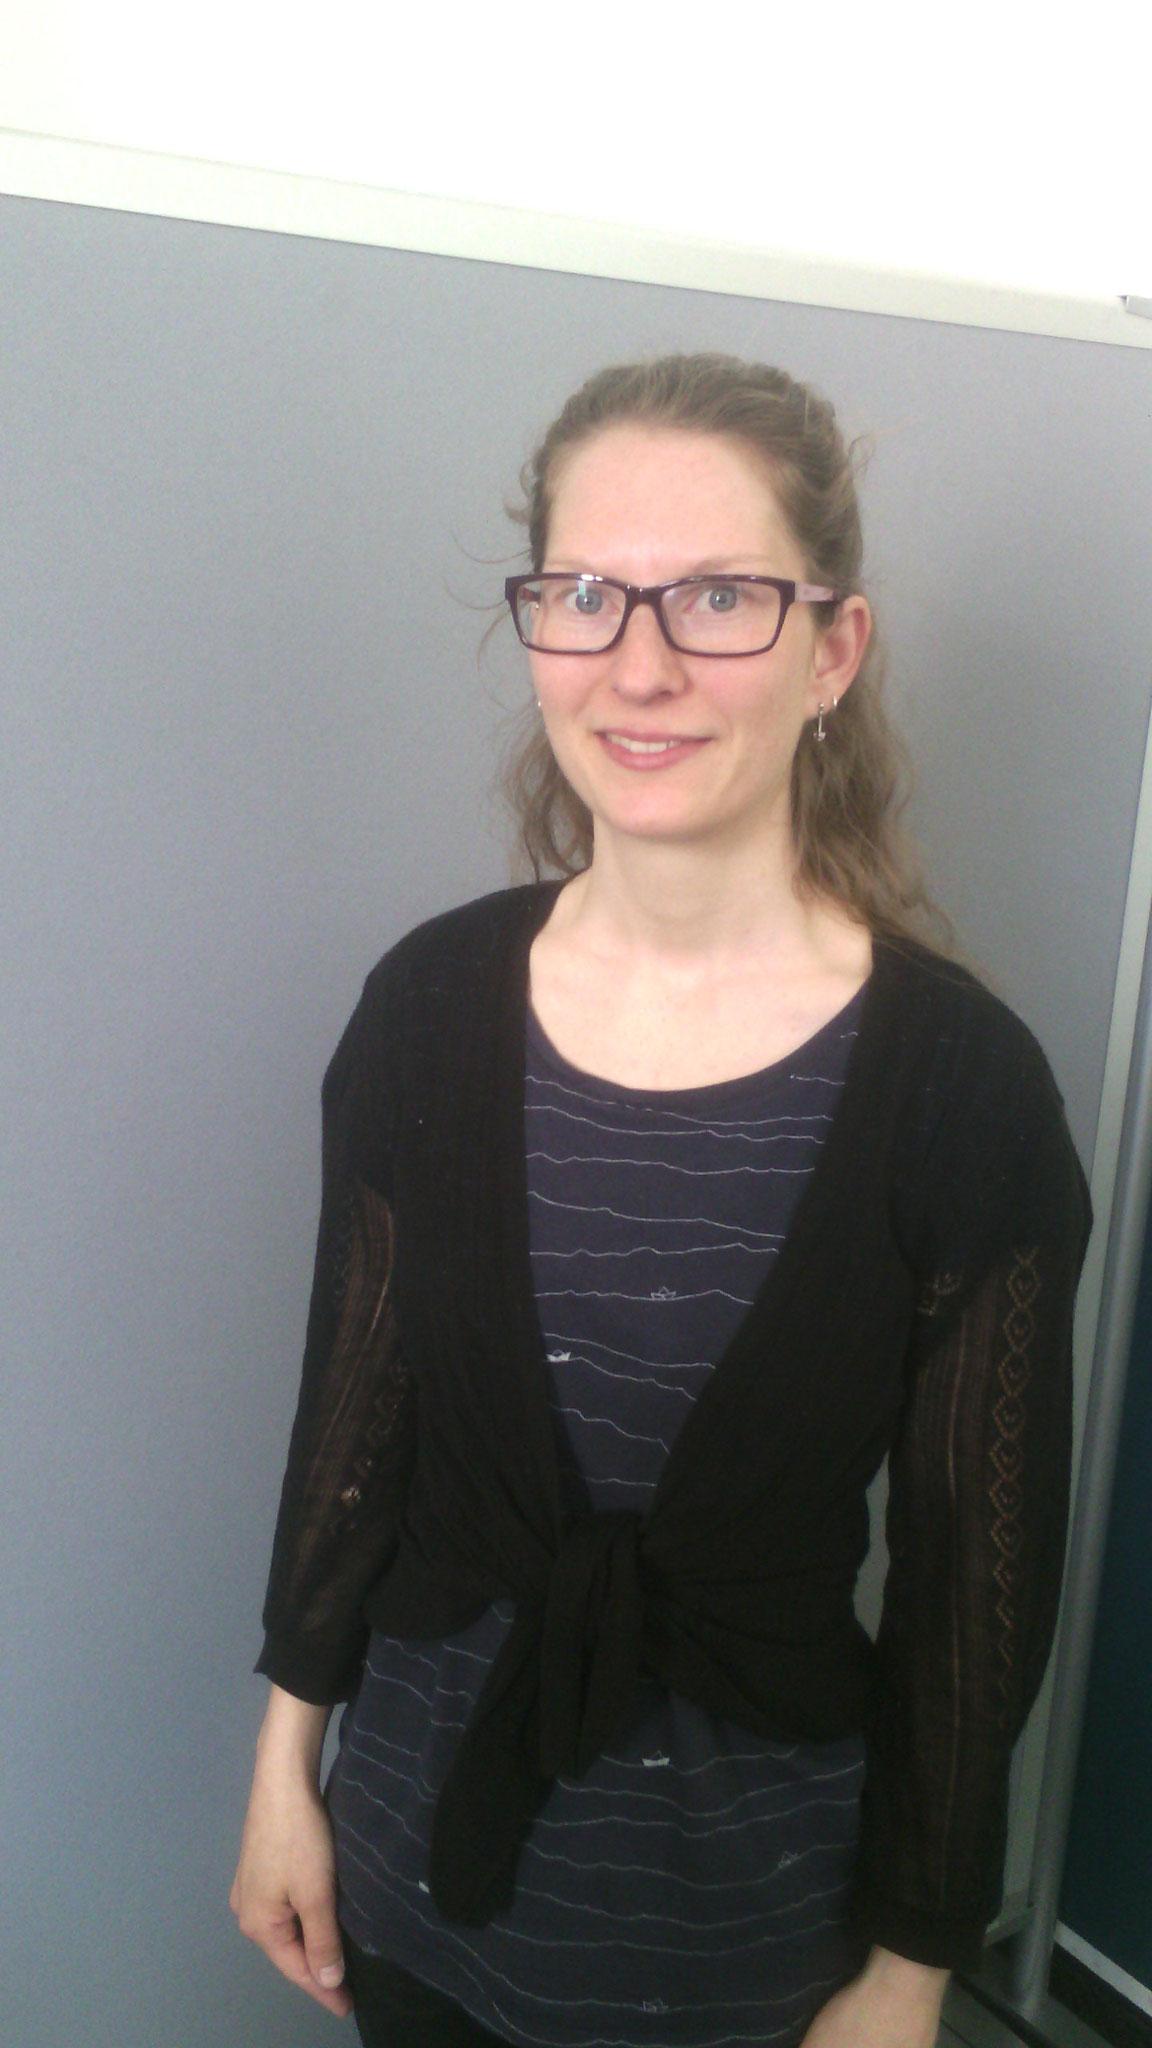 Anne Tieseler, die Minimalistin, die ihre Lebensweise mit ihrer Familie auslebt, und uns darüber informierte.